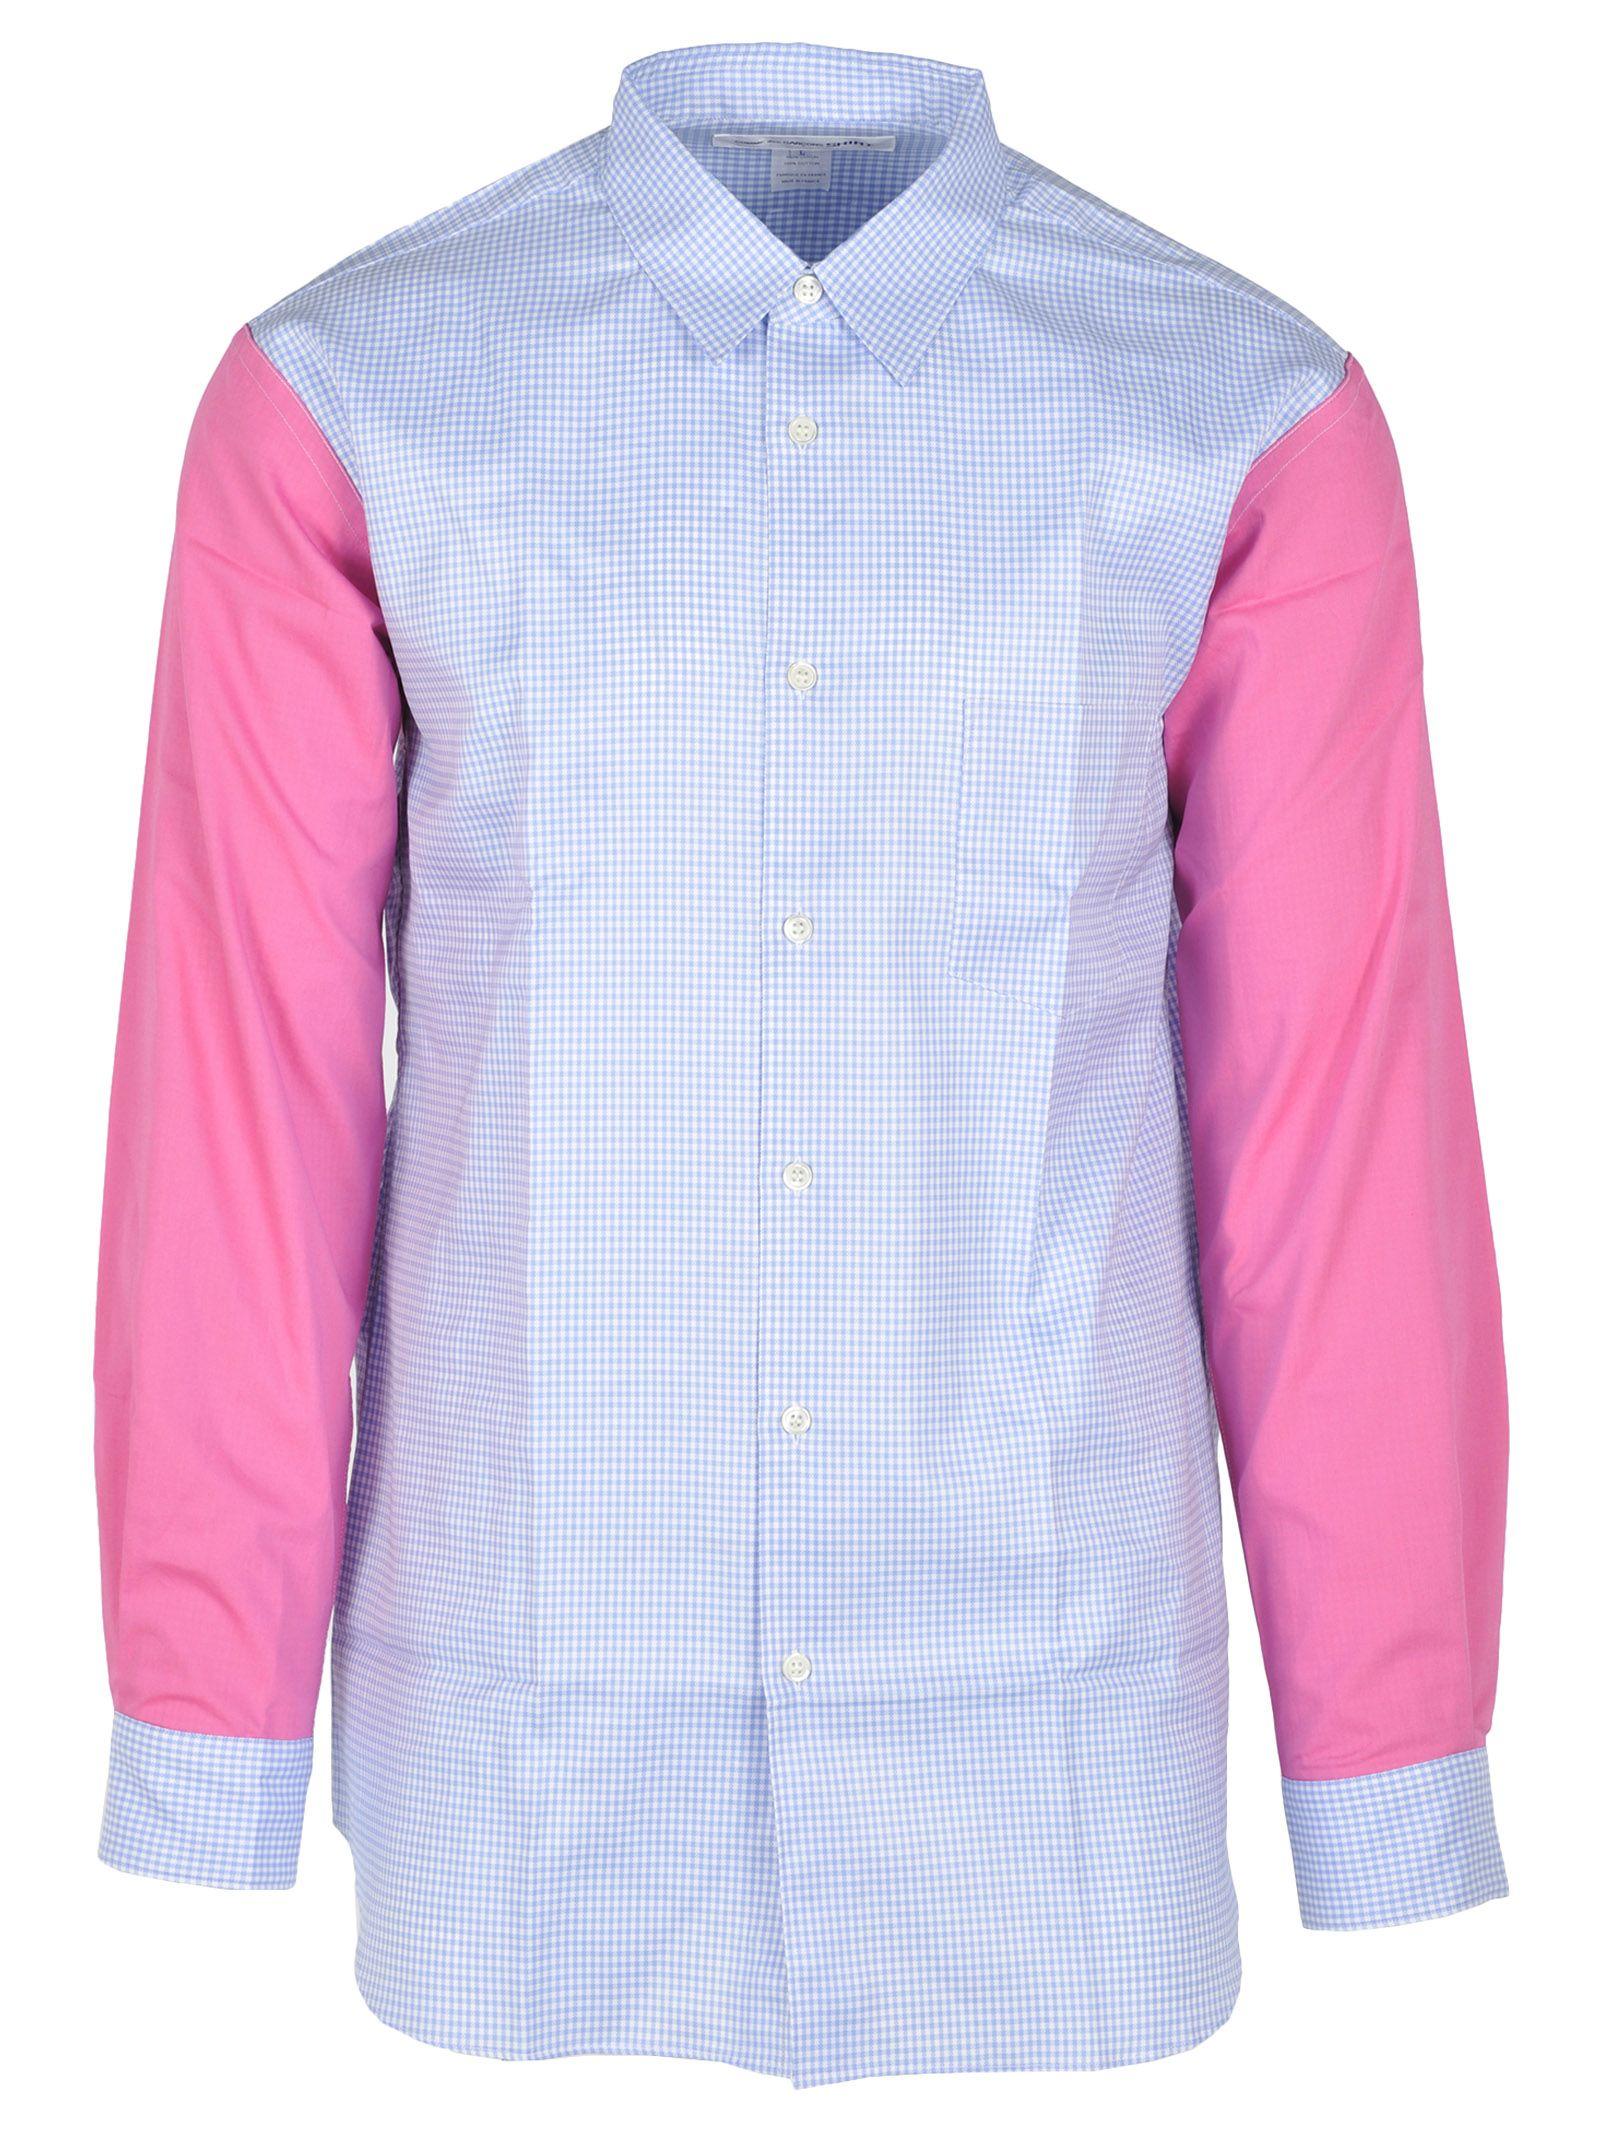 COMME DES GARÇONS BOYS Comme Des Garçons Boy Shirt Vichy in Light Blue + Pink